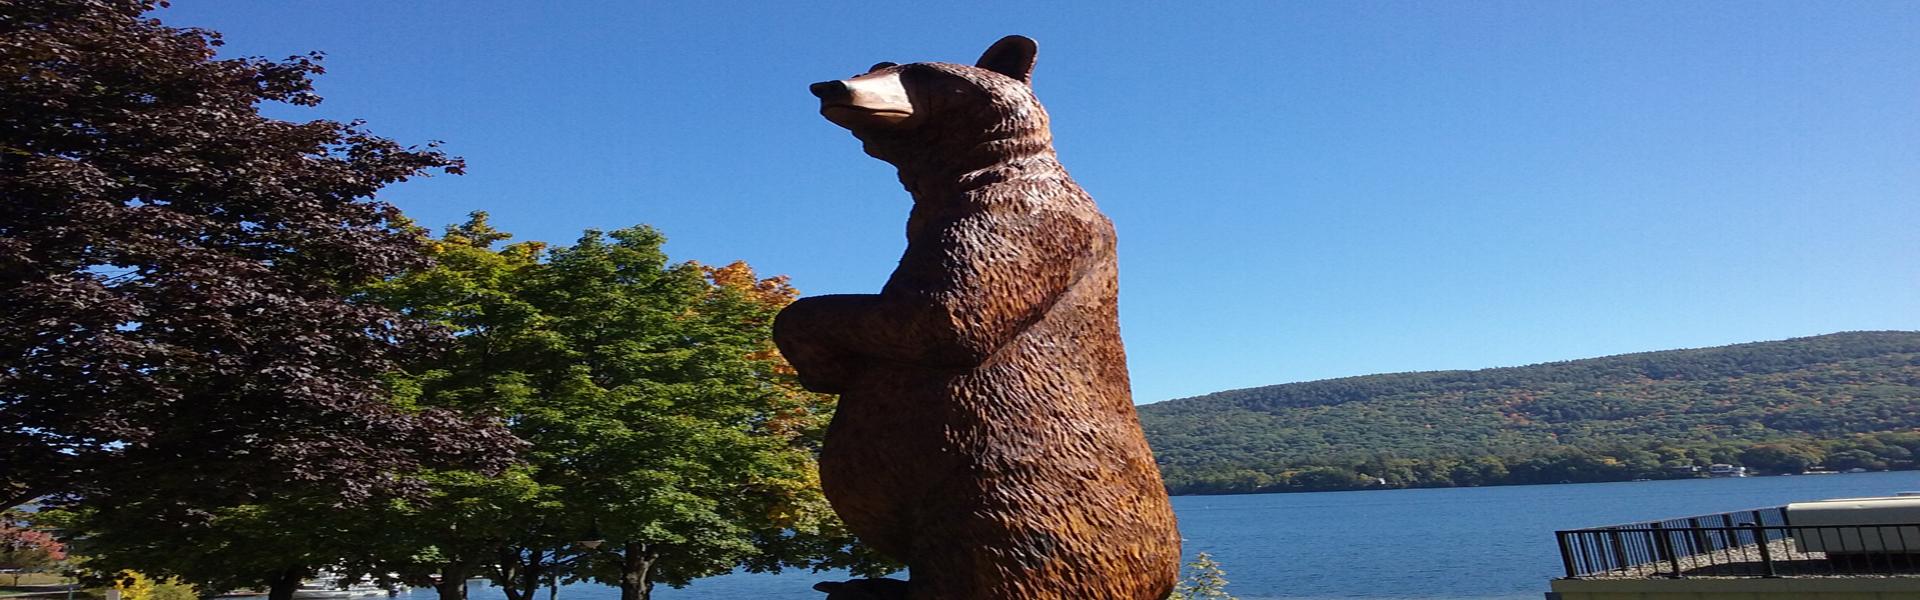 lake-bear